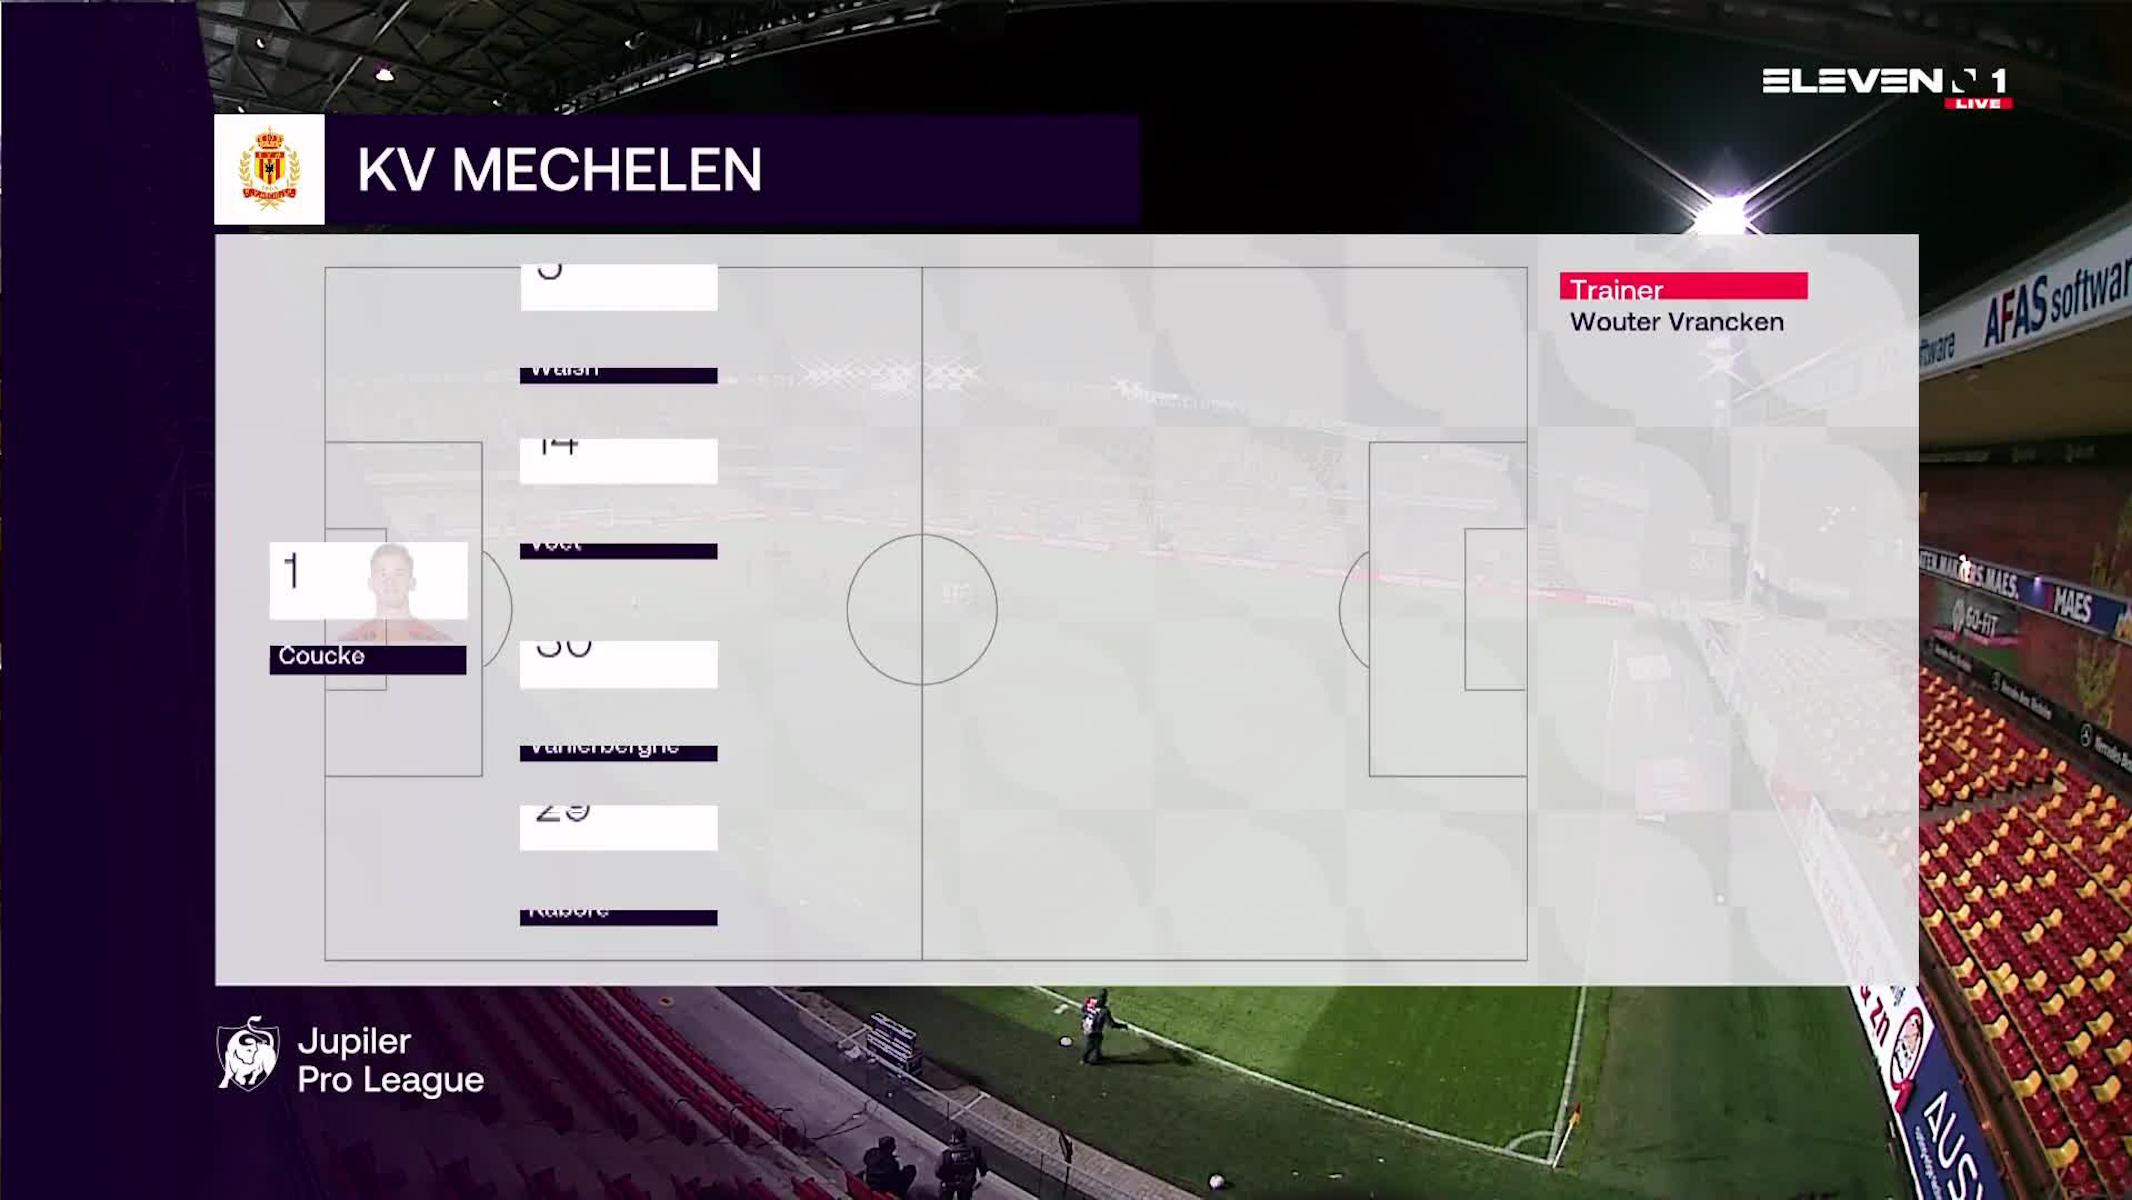 Samenvatting KV Mechelen vs. Sporting Charleroi